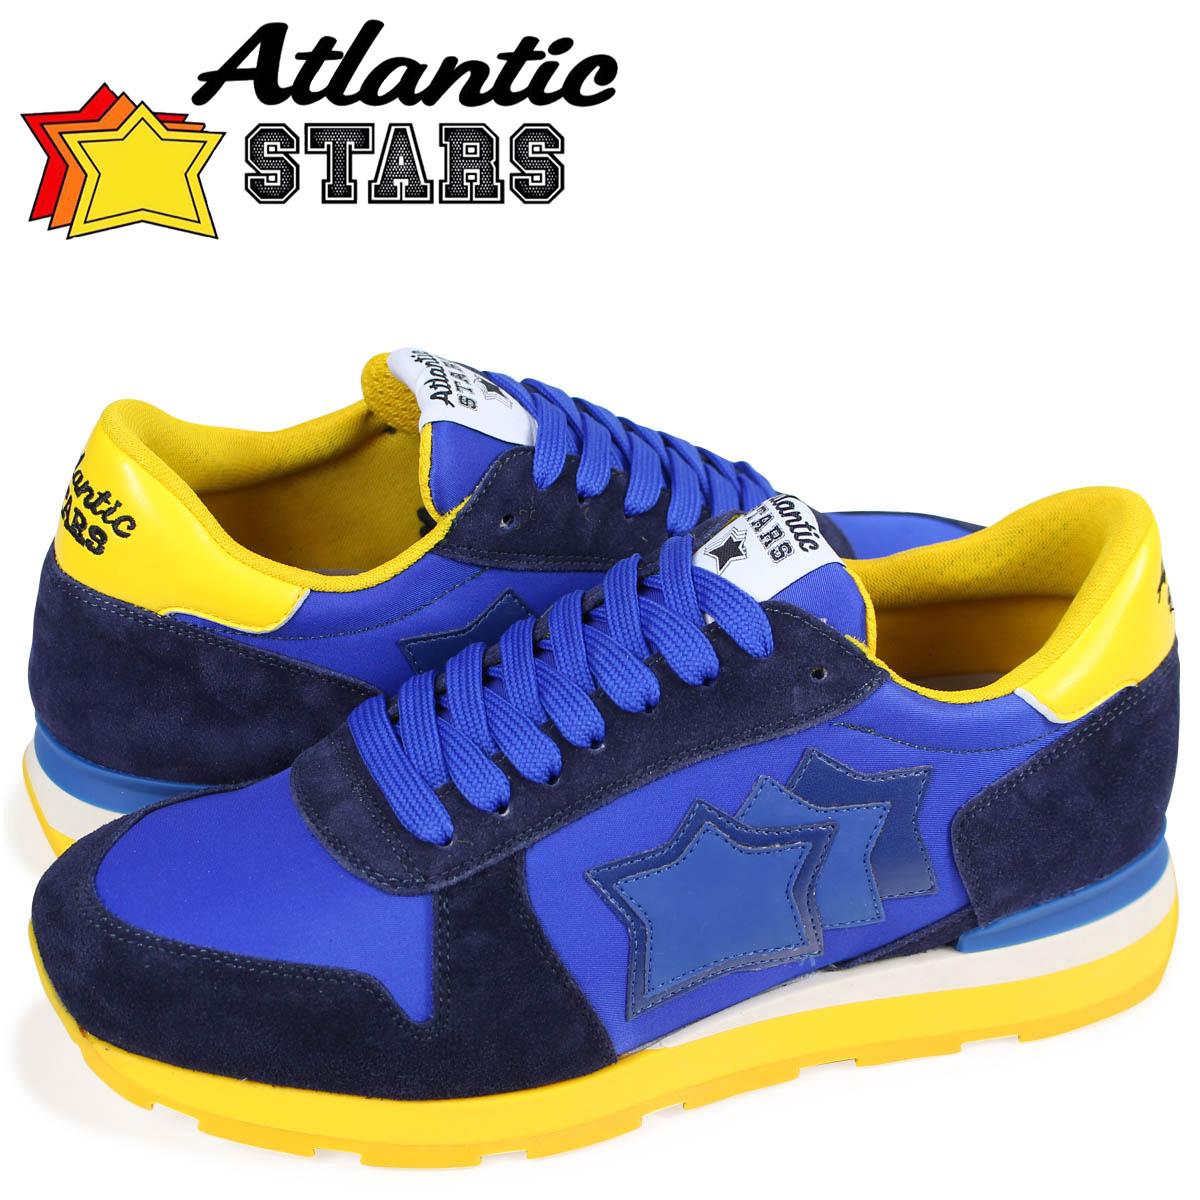 アトランティックスターズ メンズ スニーカー Atlantic STARS シリウス SIRIUS WB-66A ブルー [2/15 新入荷]